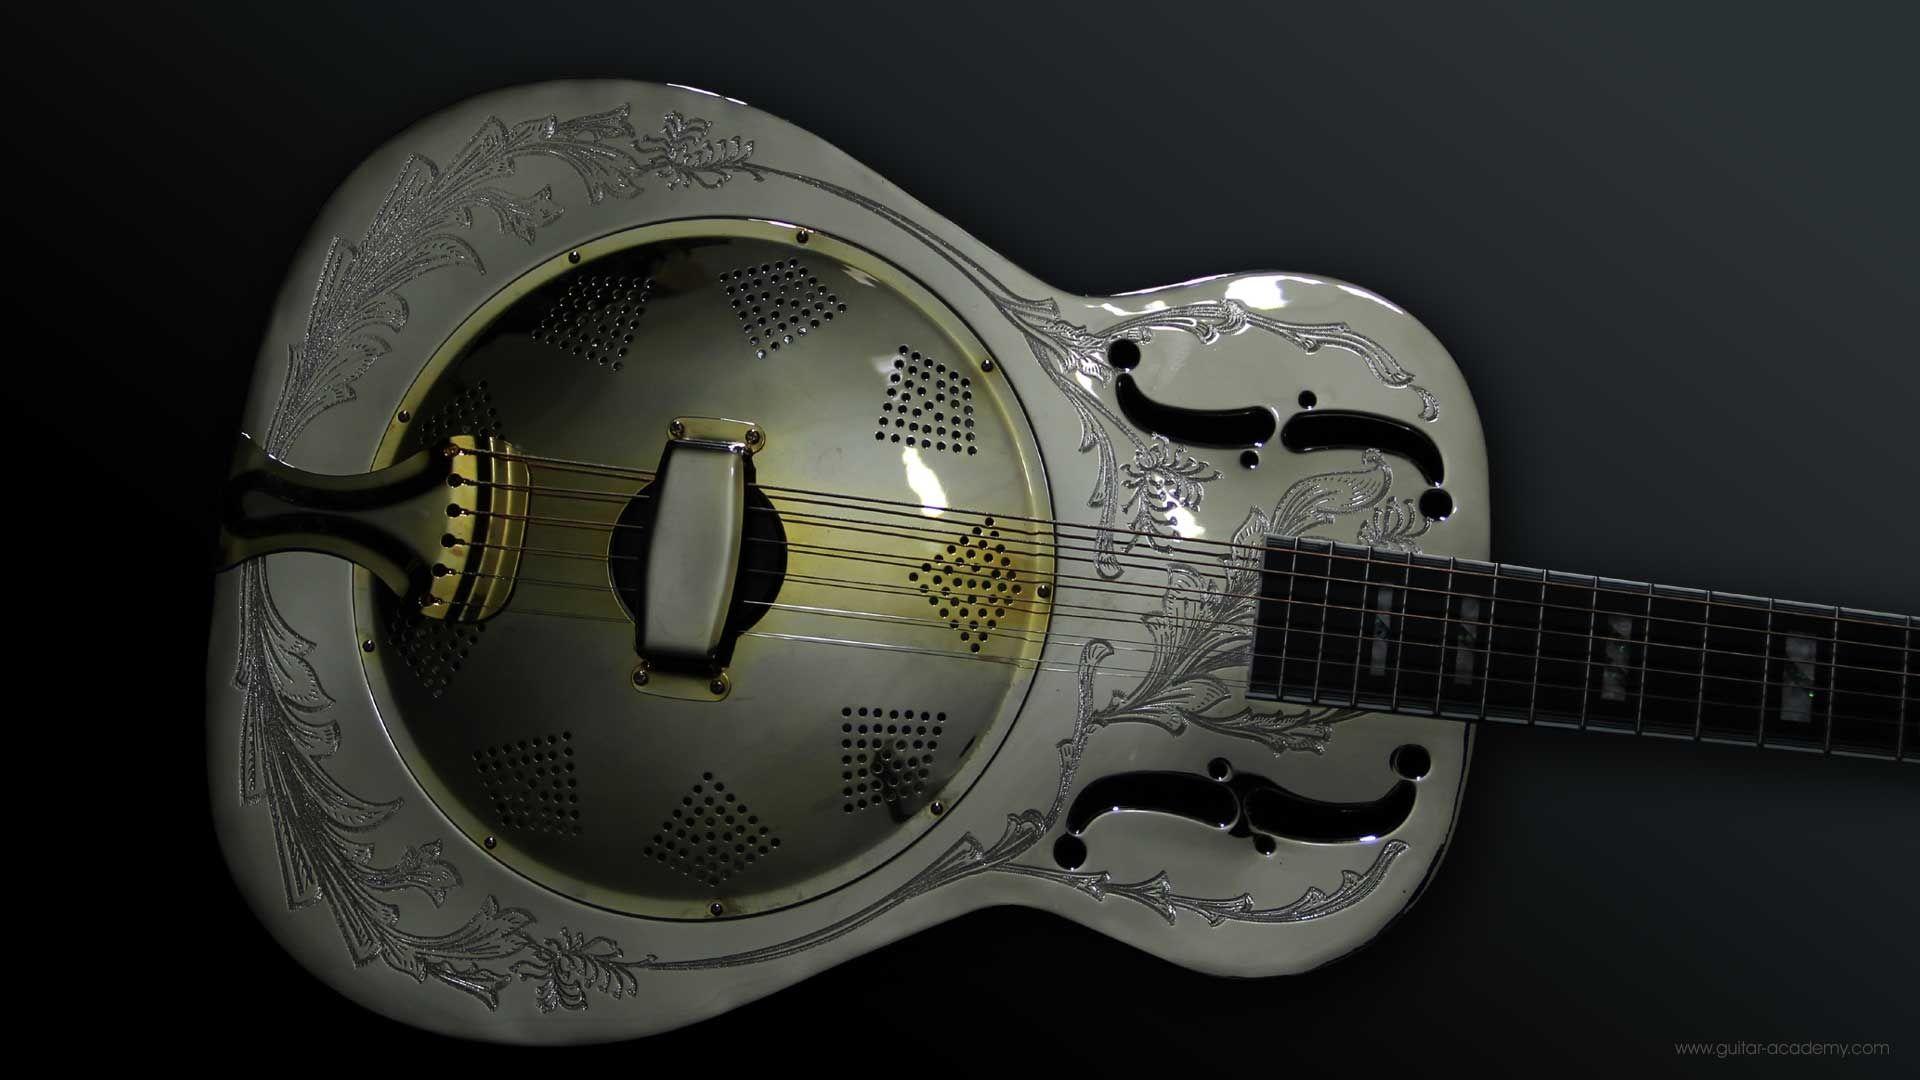 Acoustic Guitar, Wallpaper Image